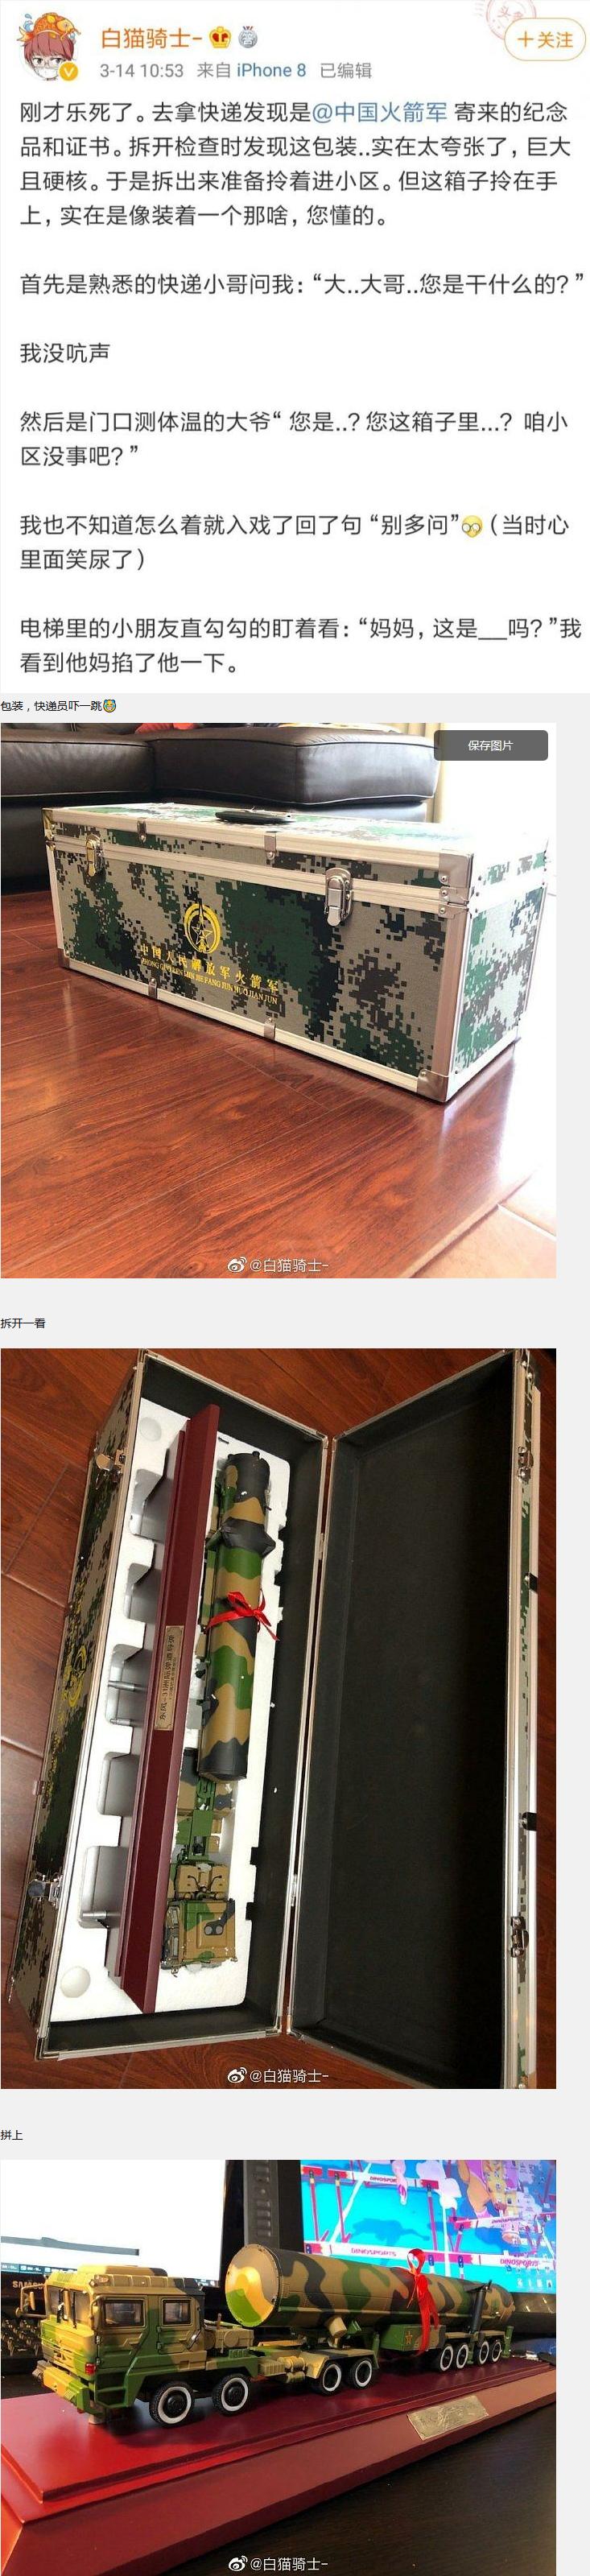 """日刊: """"ASMR""""是什么?熊猫倒闭前的卖肉视频有多好看? liuliushe.net六六社 第78张"""